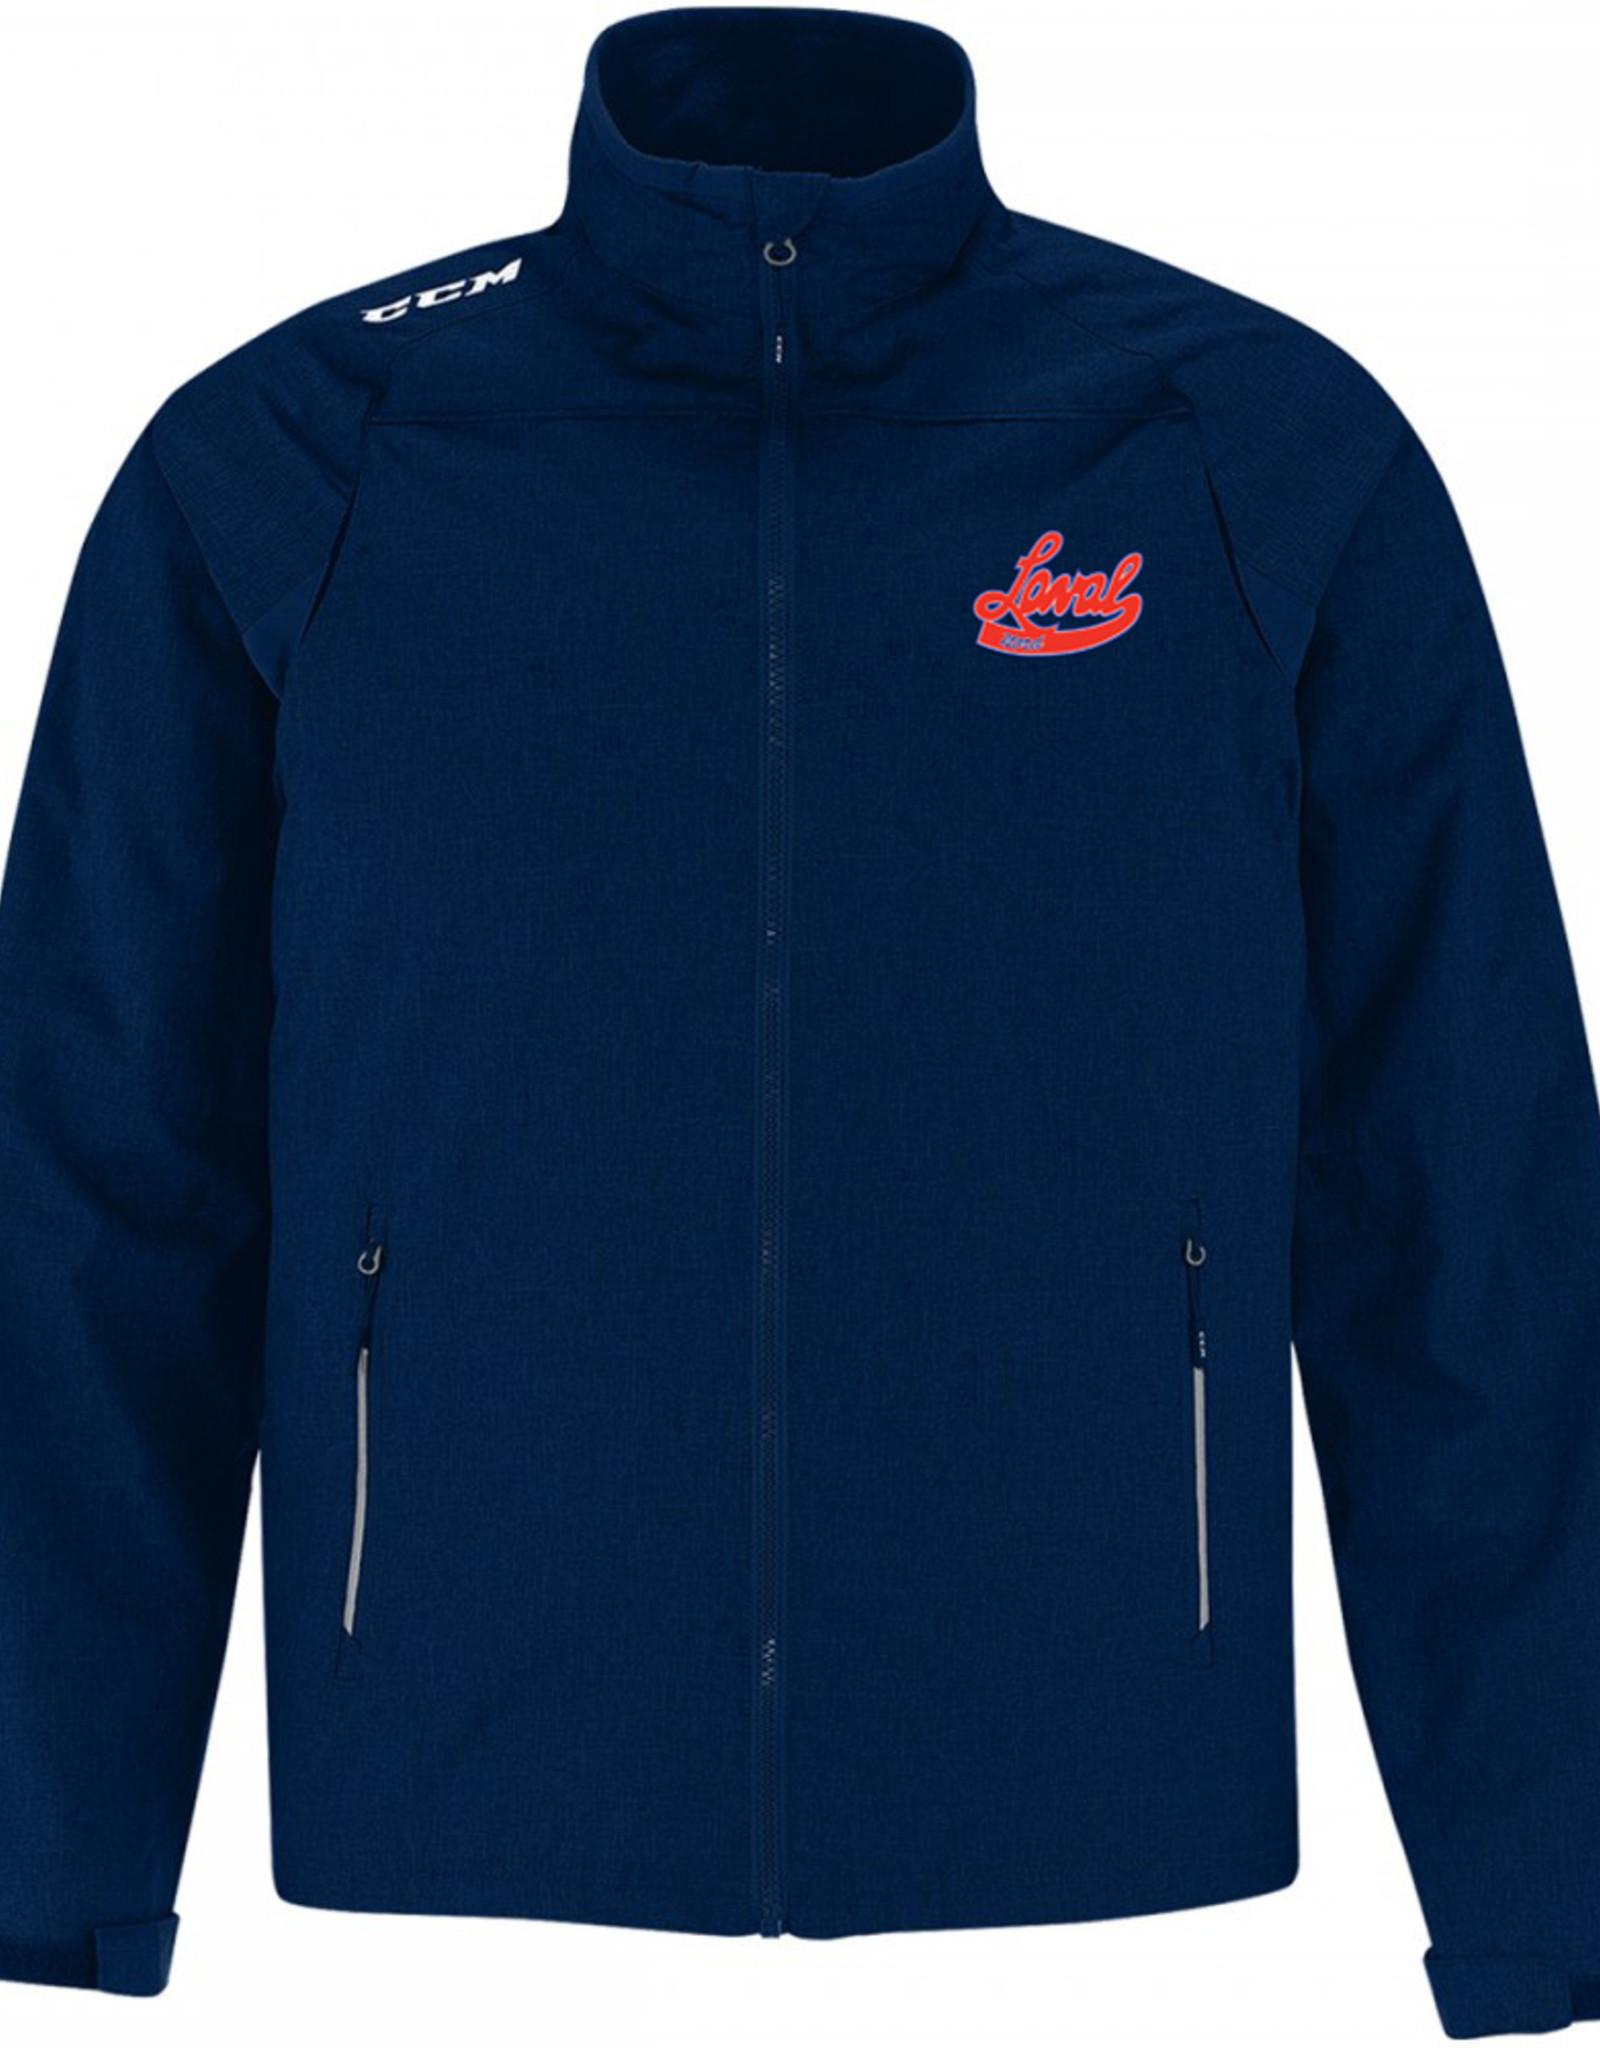 Manteau CCM Premium J5590 (SR) avec Logo LN brodé -marine (XS)